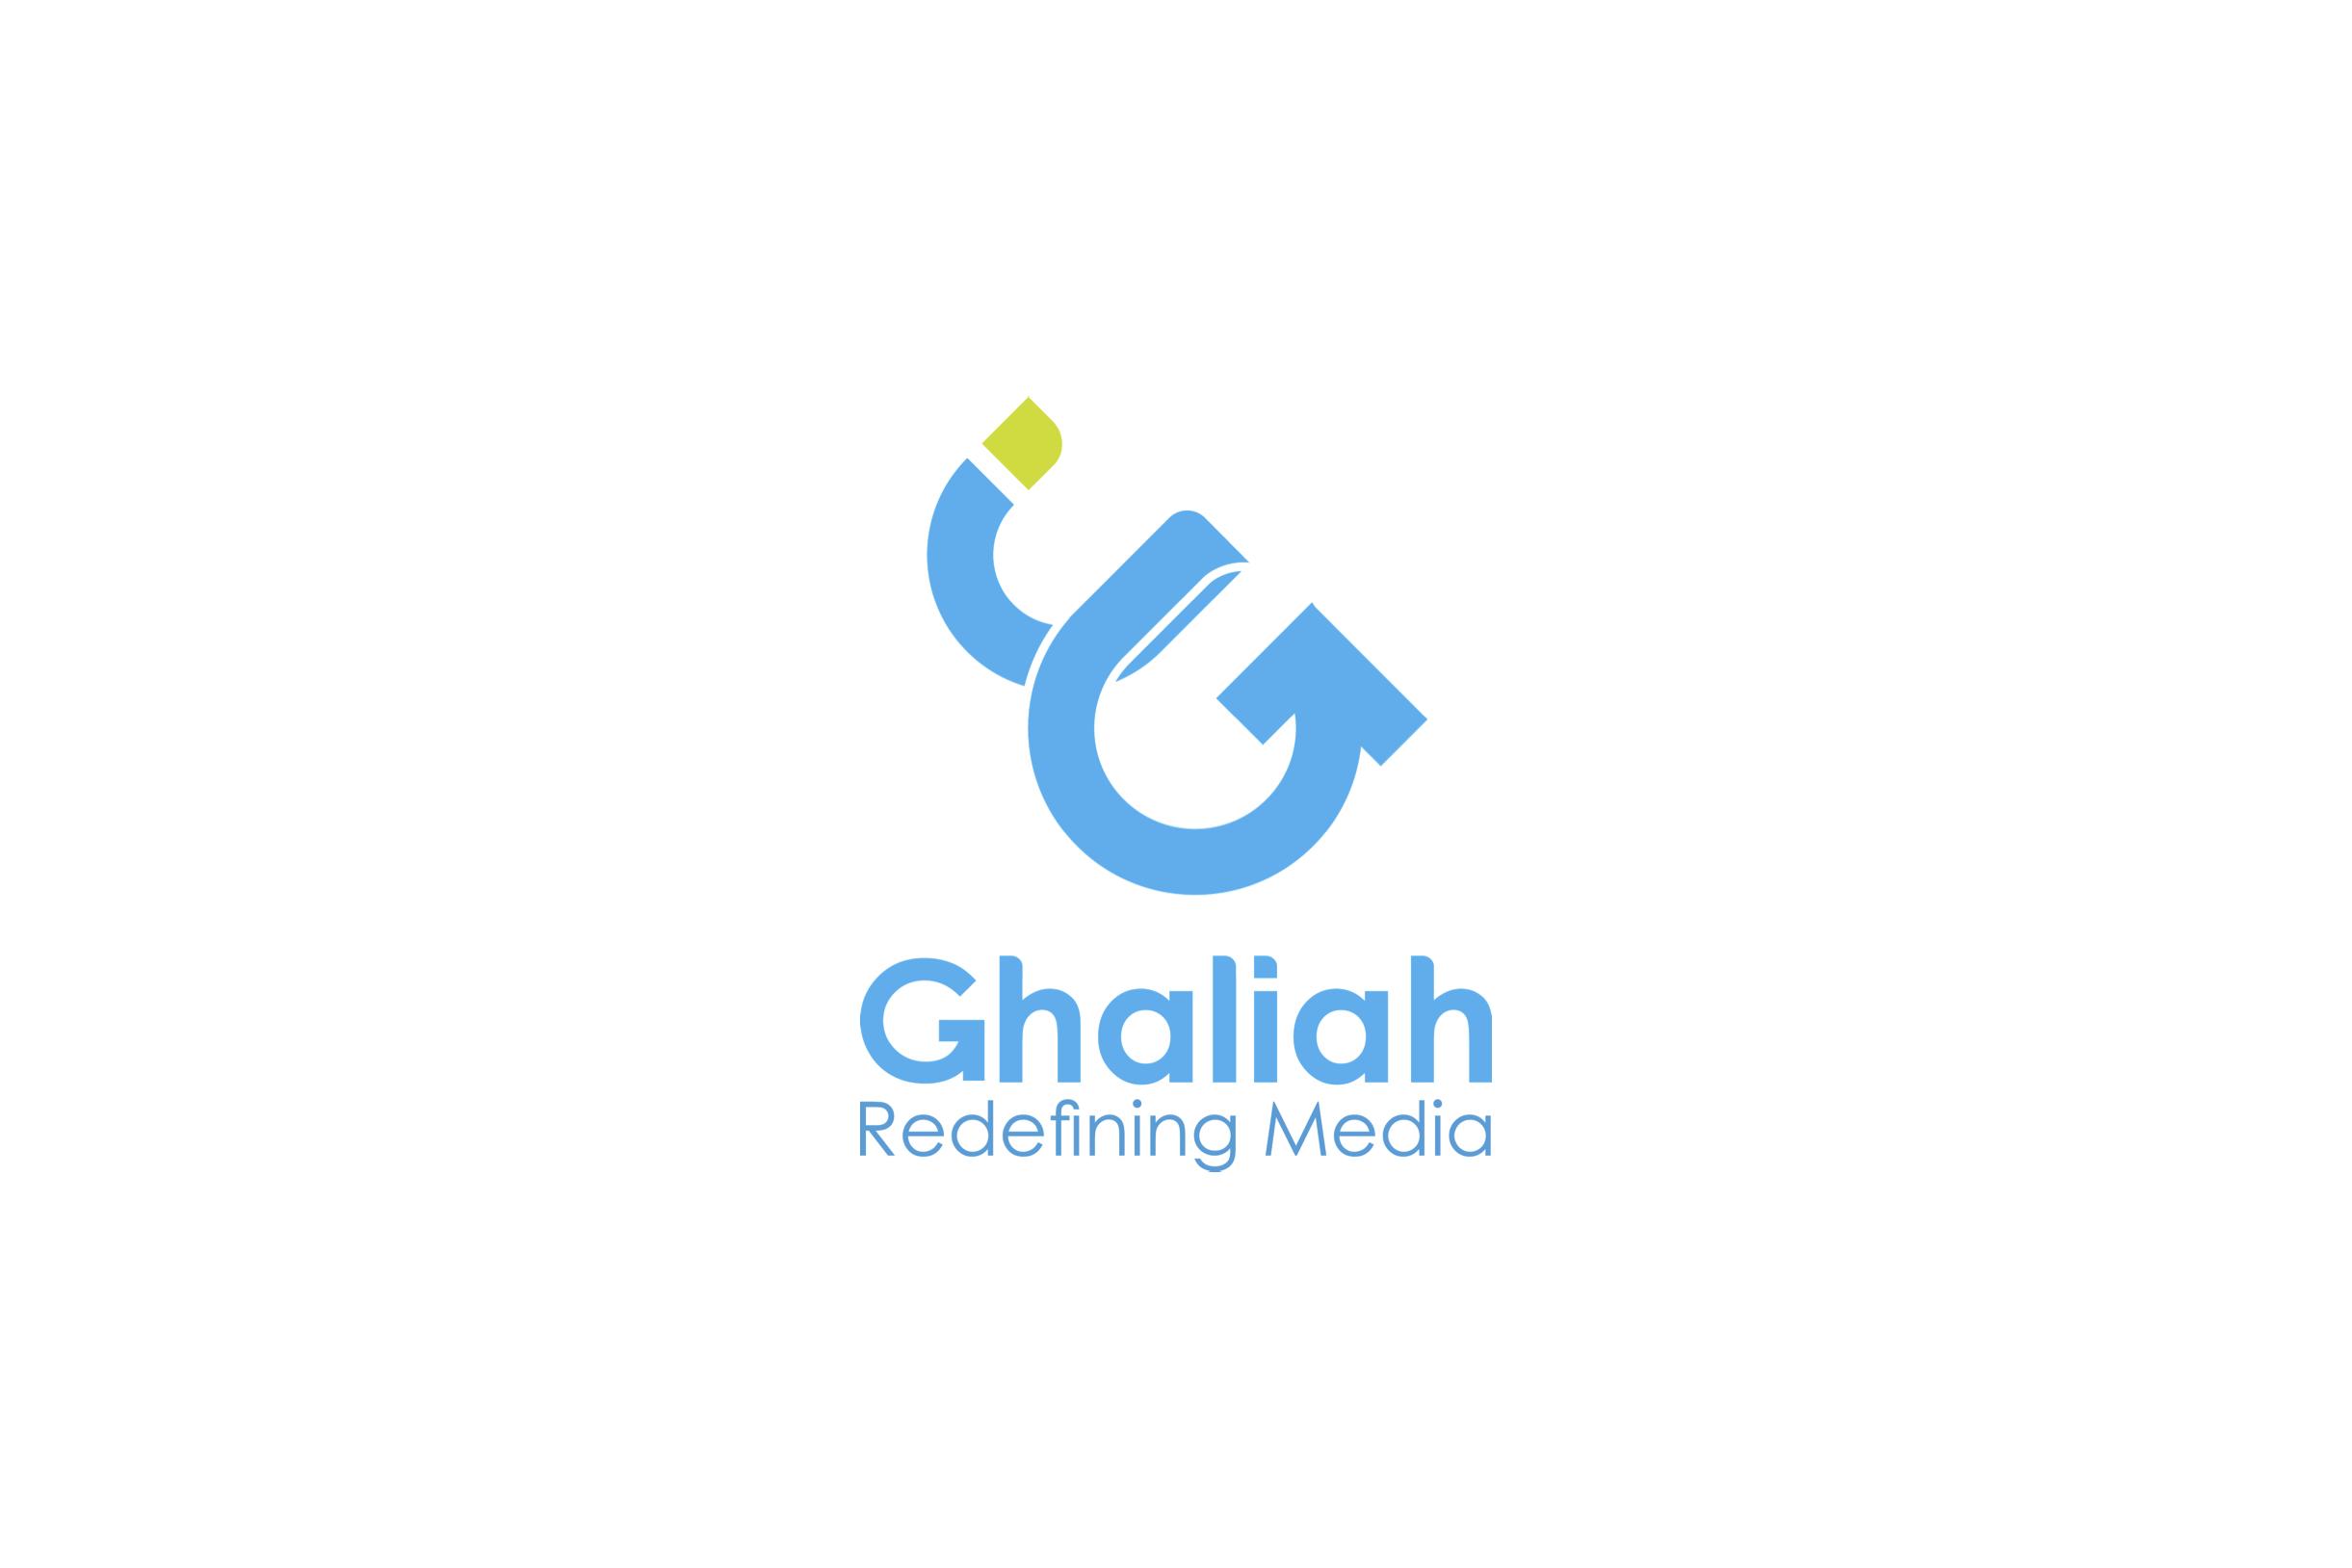 GHALIAH.jpg